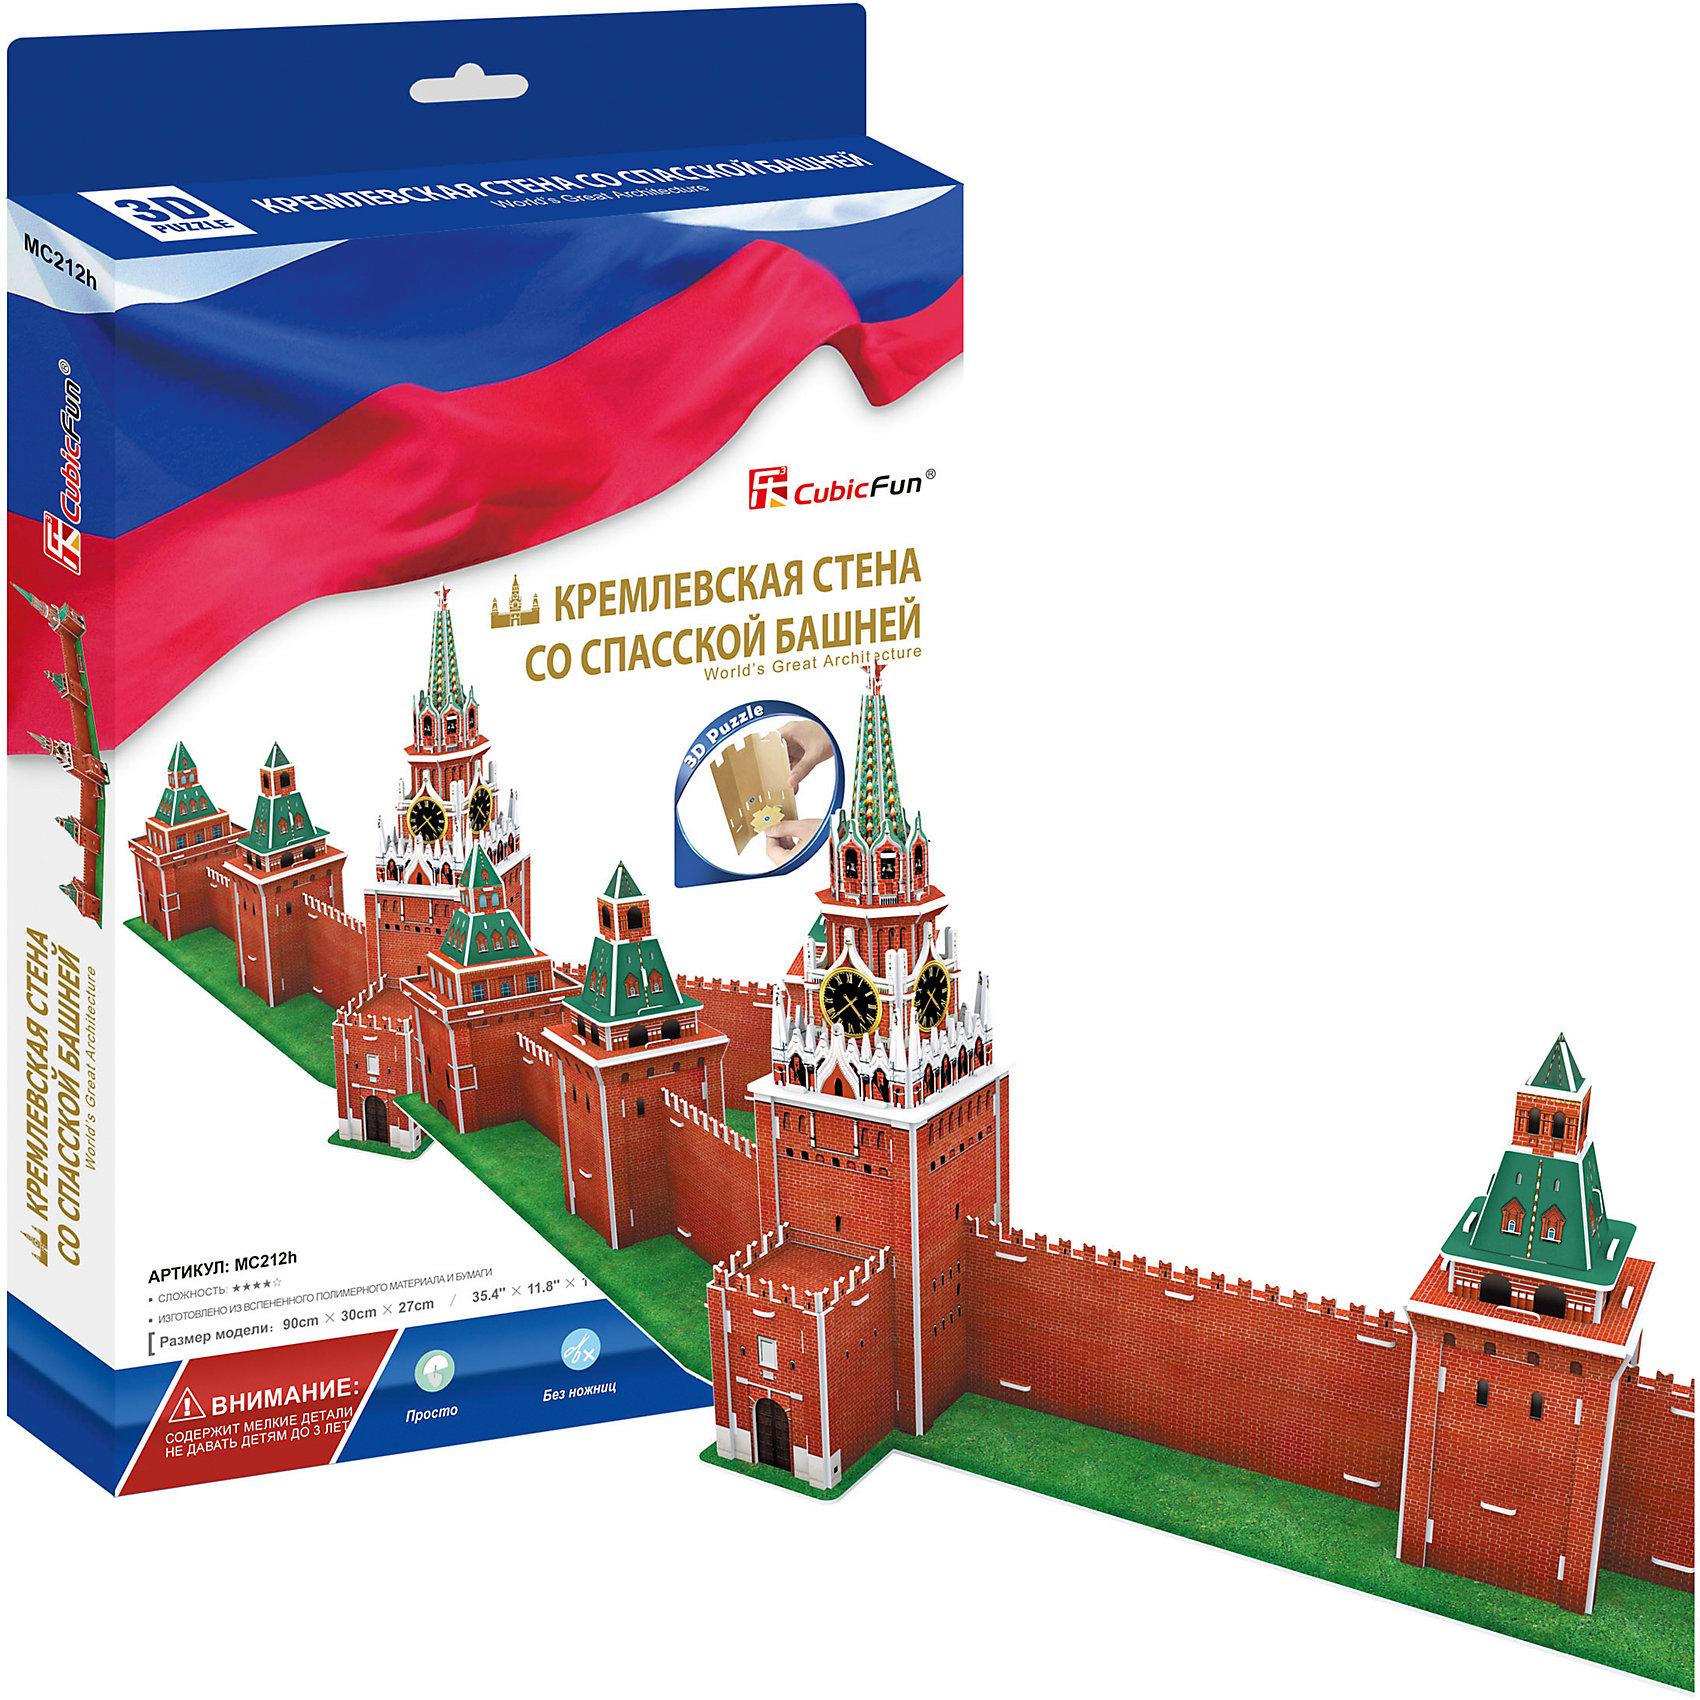 CubicFun Пазл 3D Кремлевская стена со Спасской башней (Россия), CubicFun пазлы iq 3d пазл спасская башня кремля